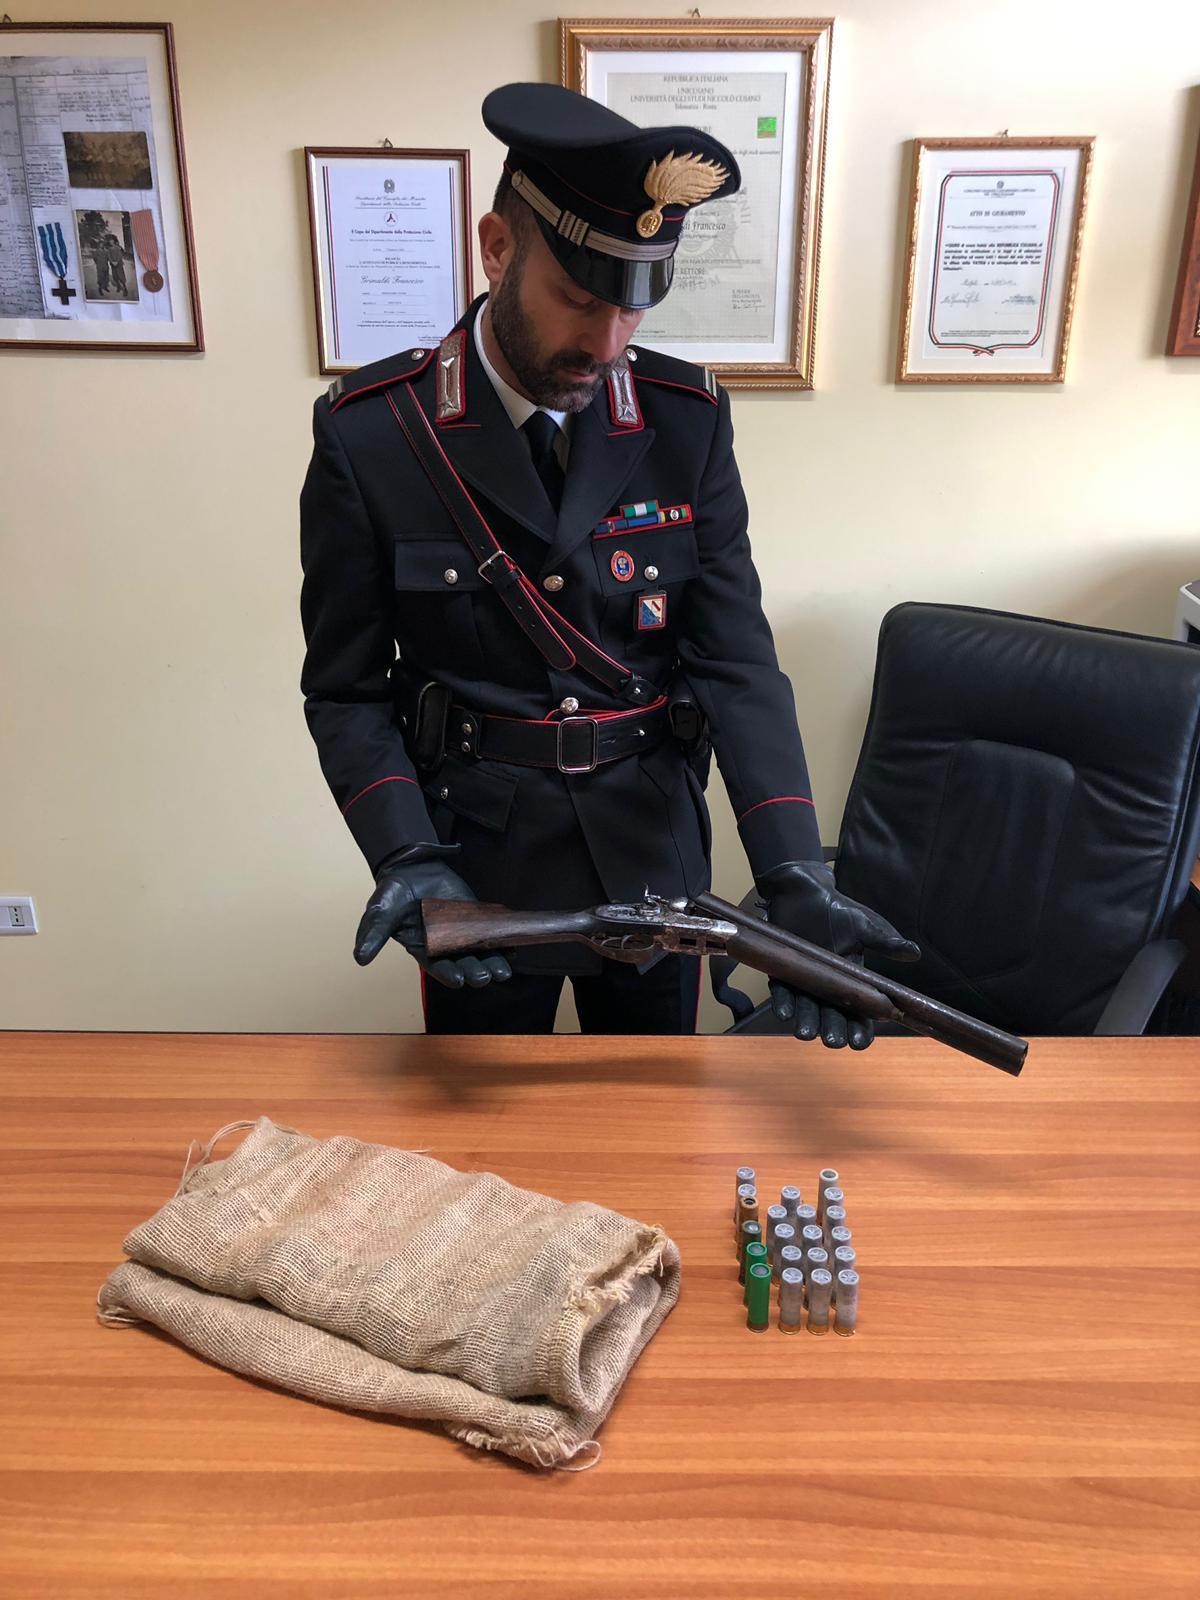 Fucile modificato e munizioni: arrestato operaio di Montecorvino Rovella